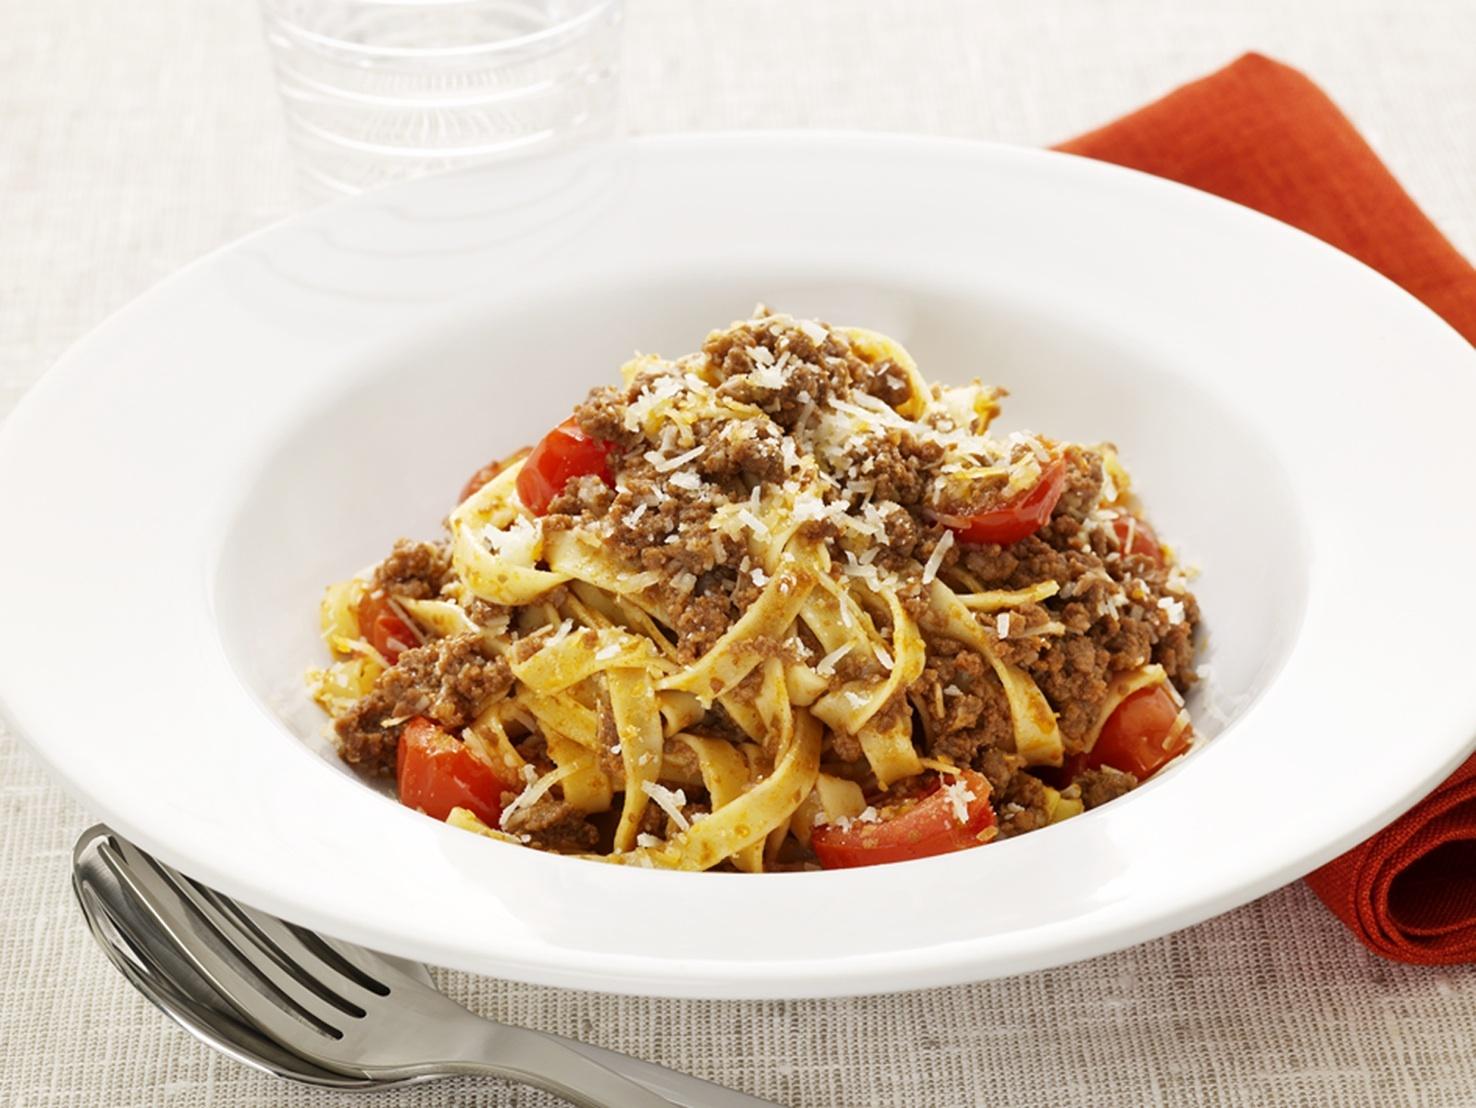 italiensk köttfärssås långkok